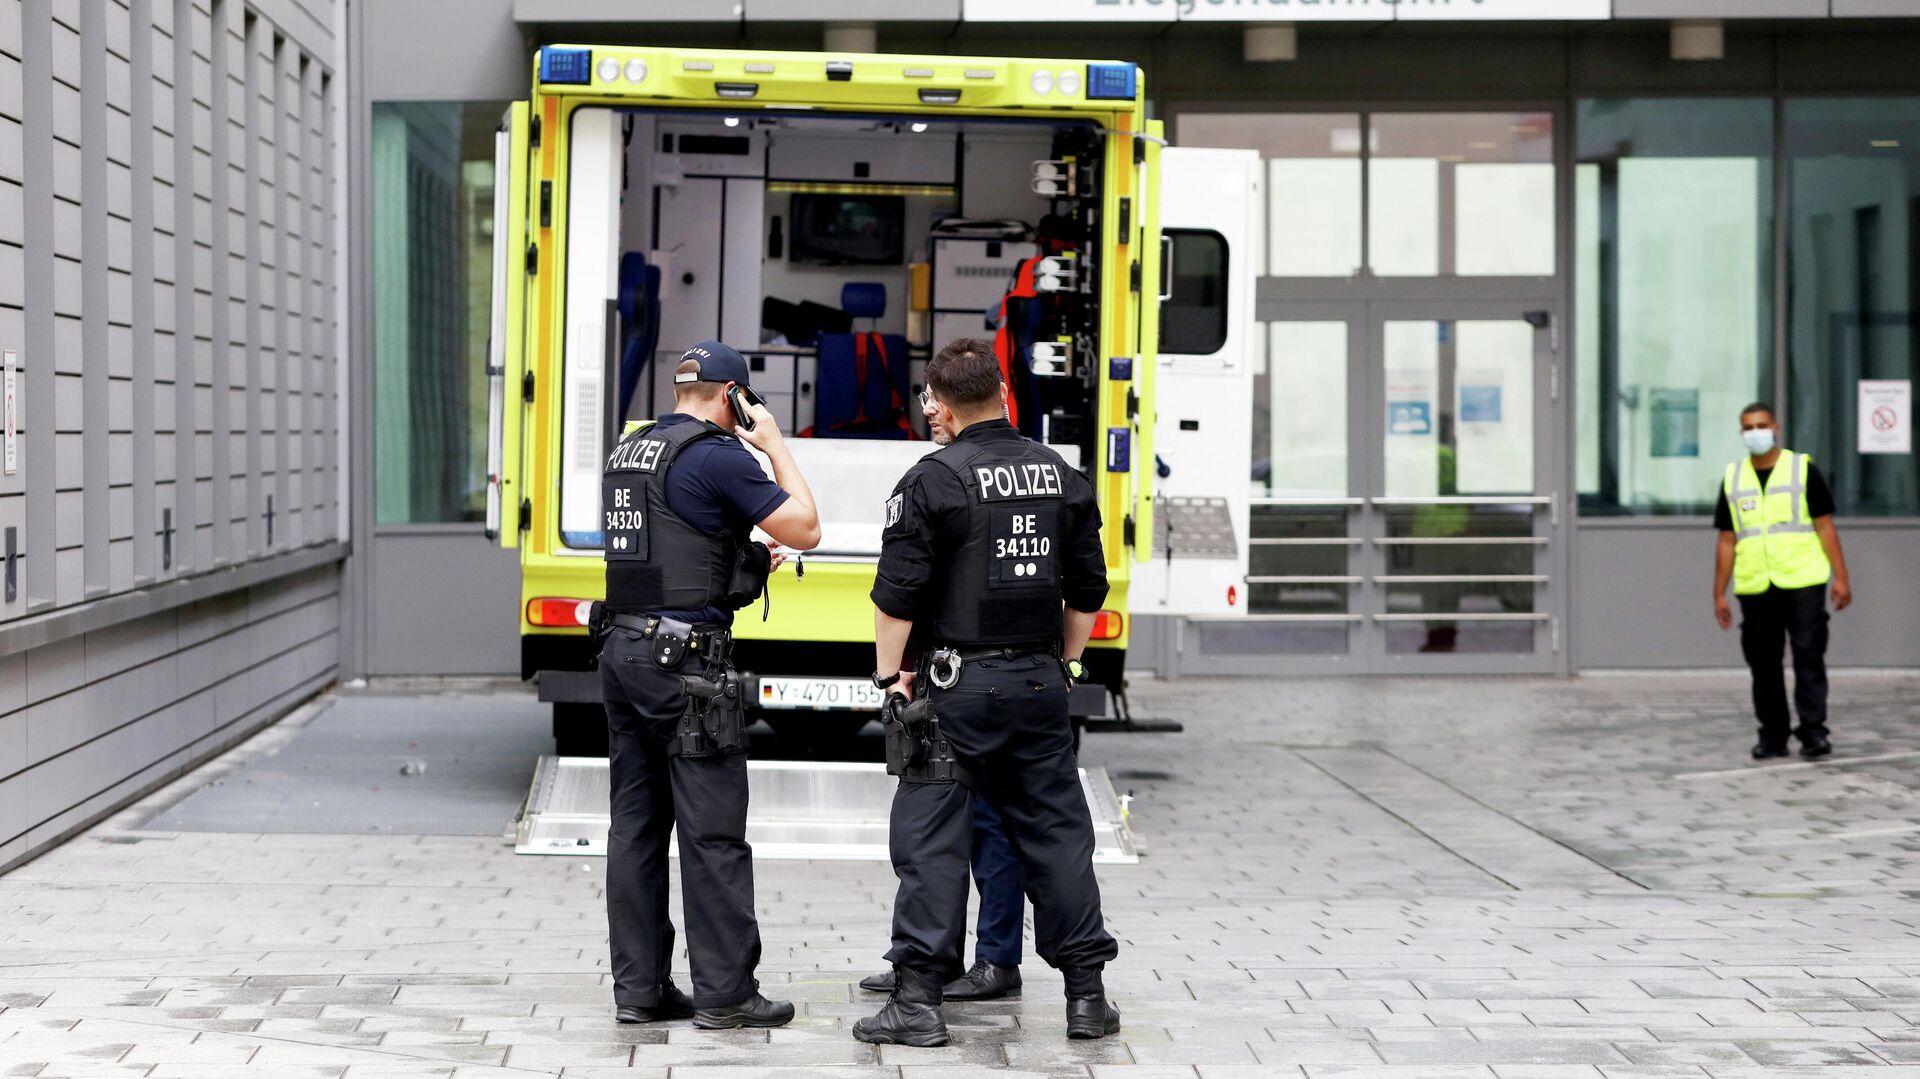 Автомобиль скорой помощи, на котором предположительно был доставлен в клинику Шарите в Берлине Алексей Навальный - РИА Новости, 1920, 15.09.2020